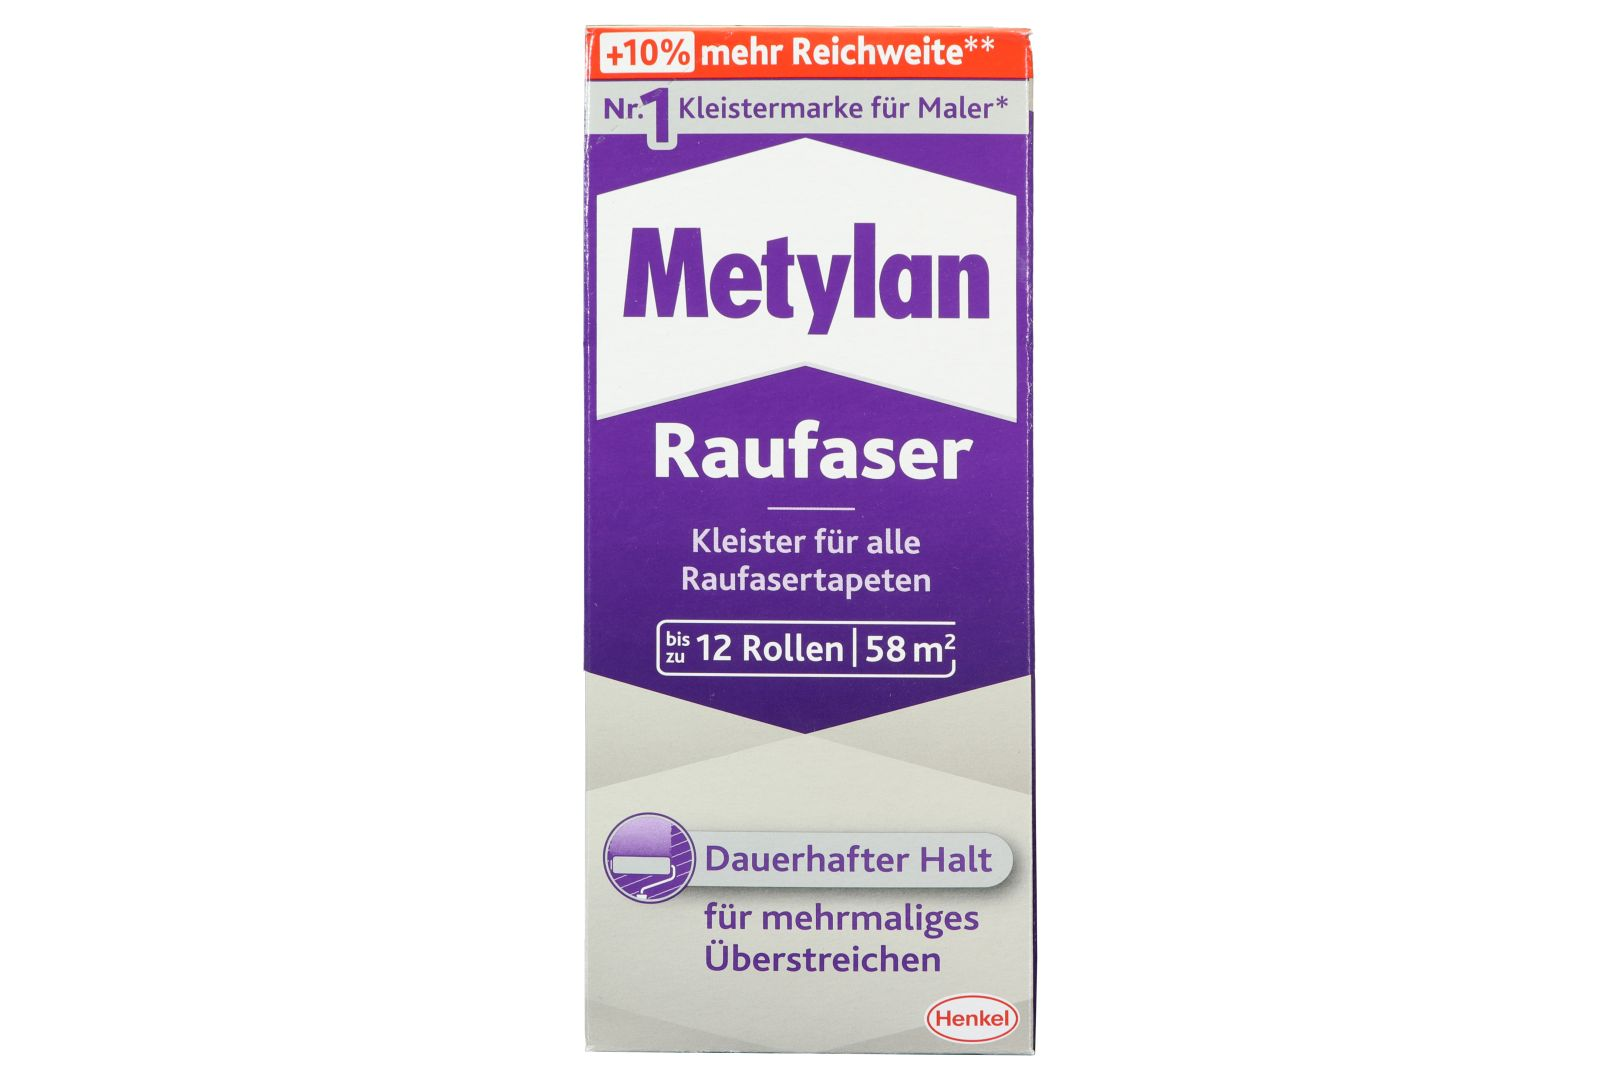 Metylan Raufaser, Kleister für Raufaser- und Raufaservliestapeten, 360 g